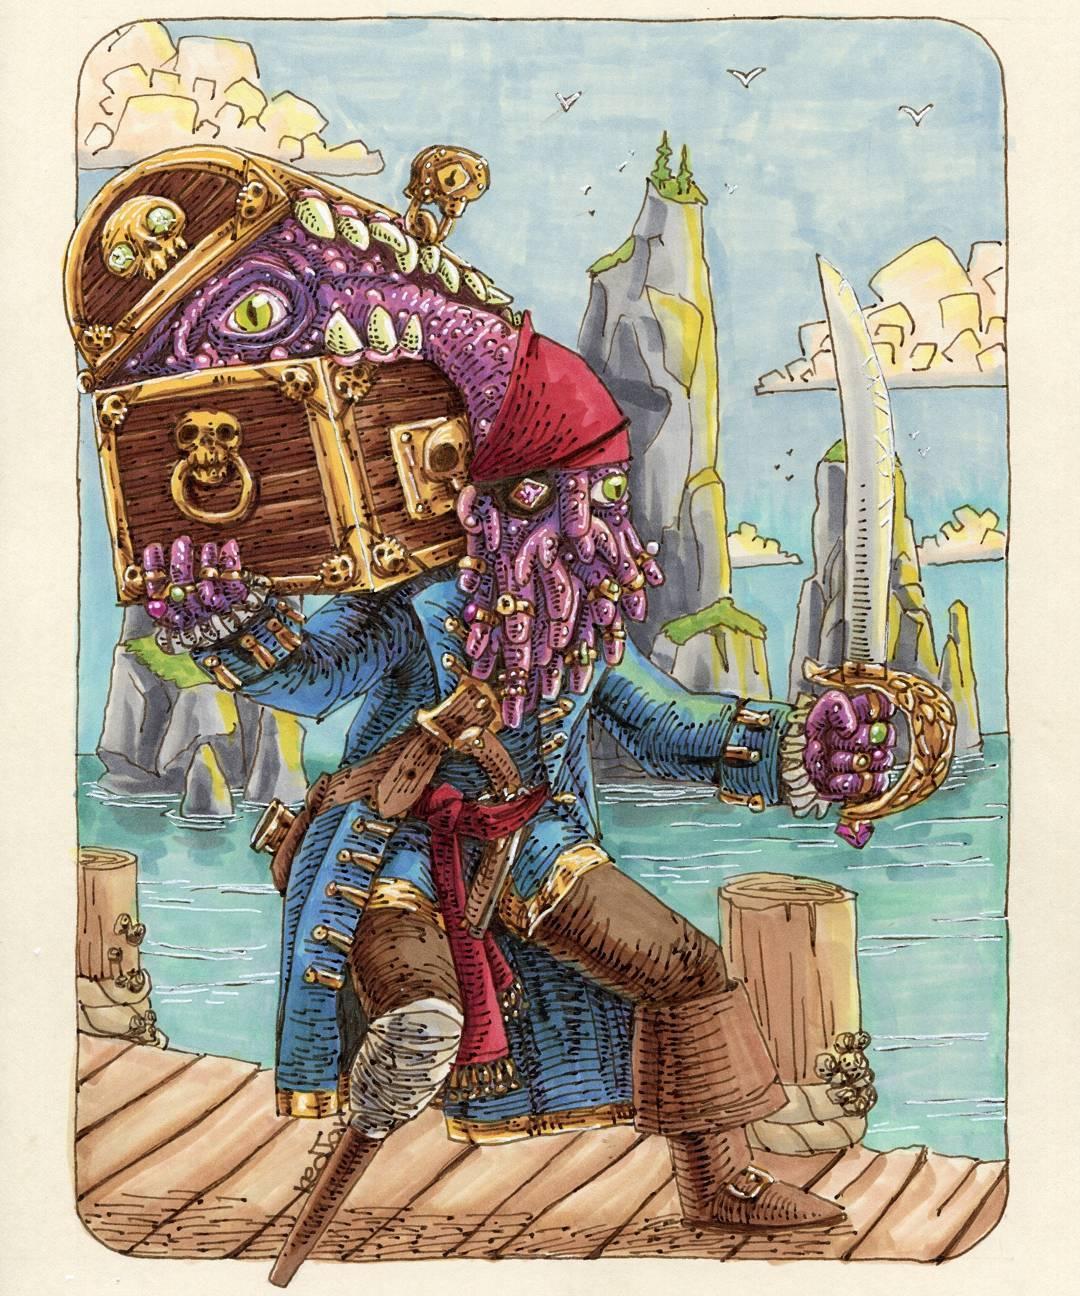 """redjarojam """"Pirate's Mimic"""" - by Jared DeCosta (redjarojam) www.instagram.com/redjarojam (2016-2019) © dell'autore tutti i diritti riservati"""